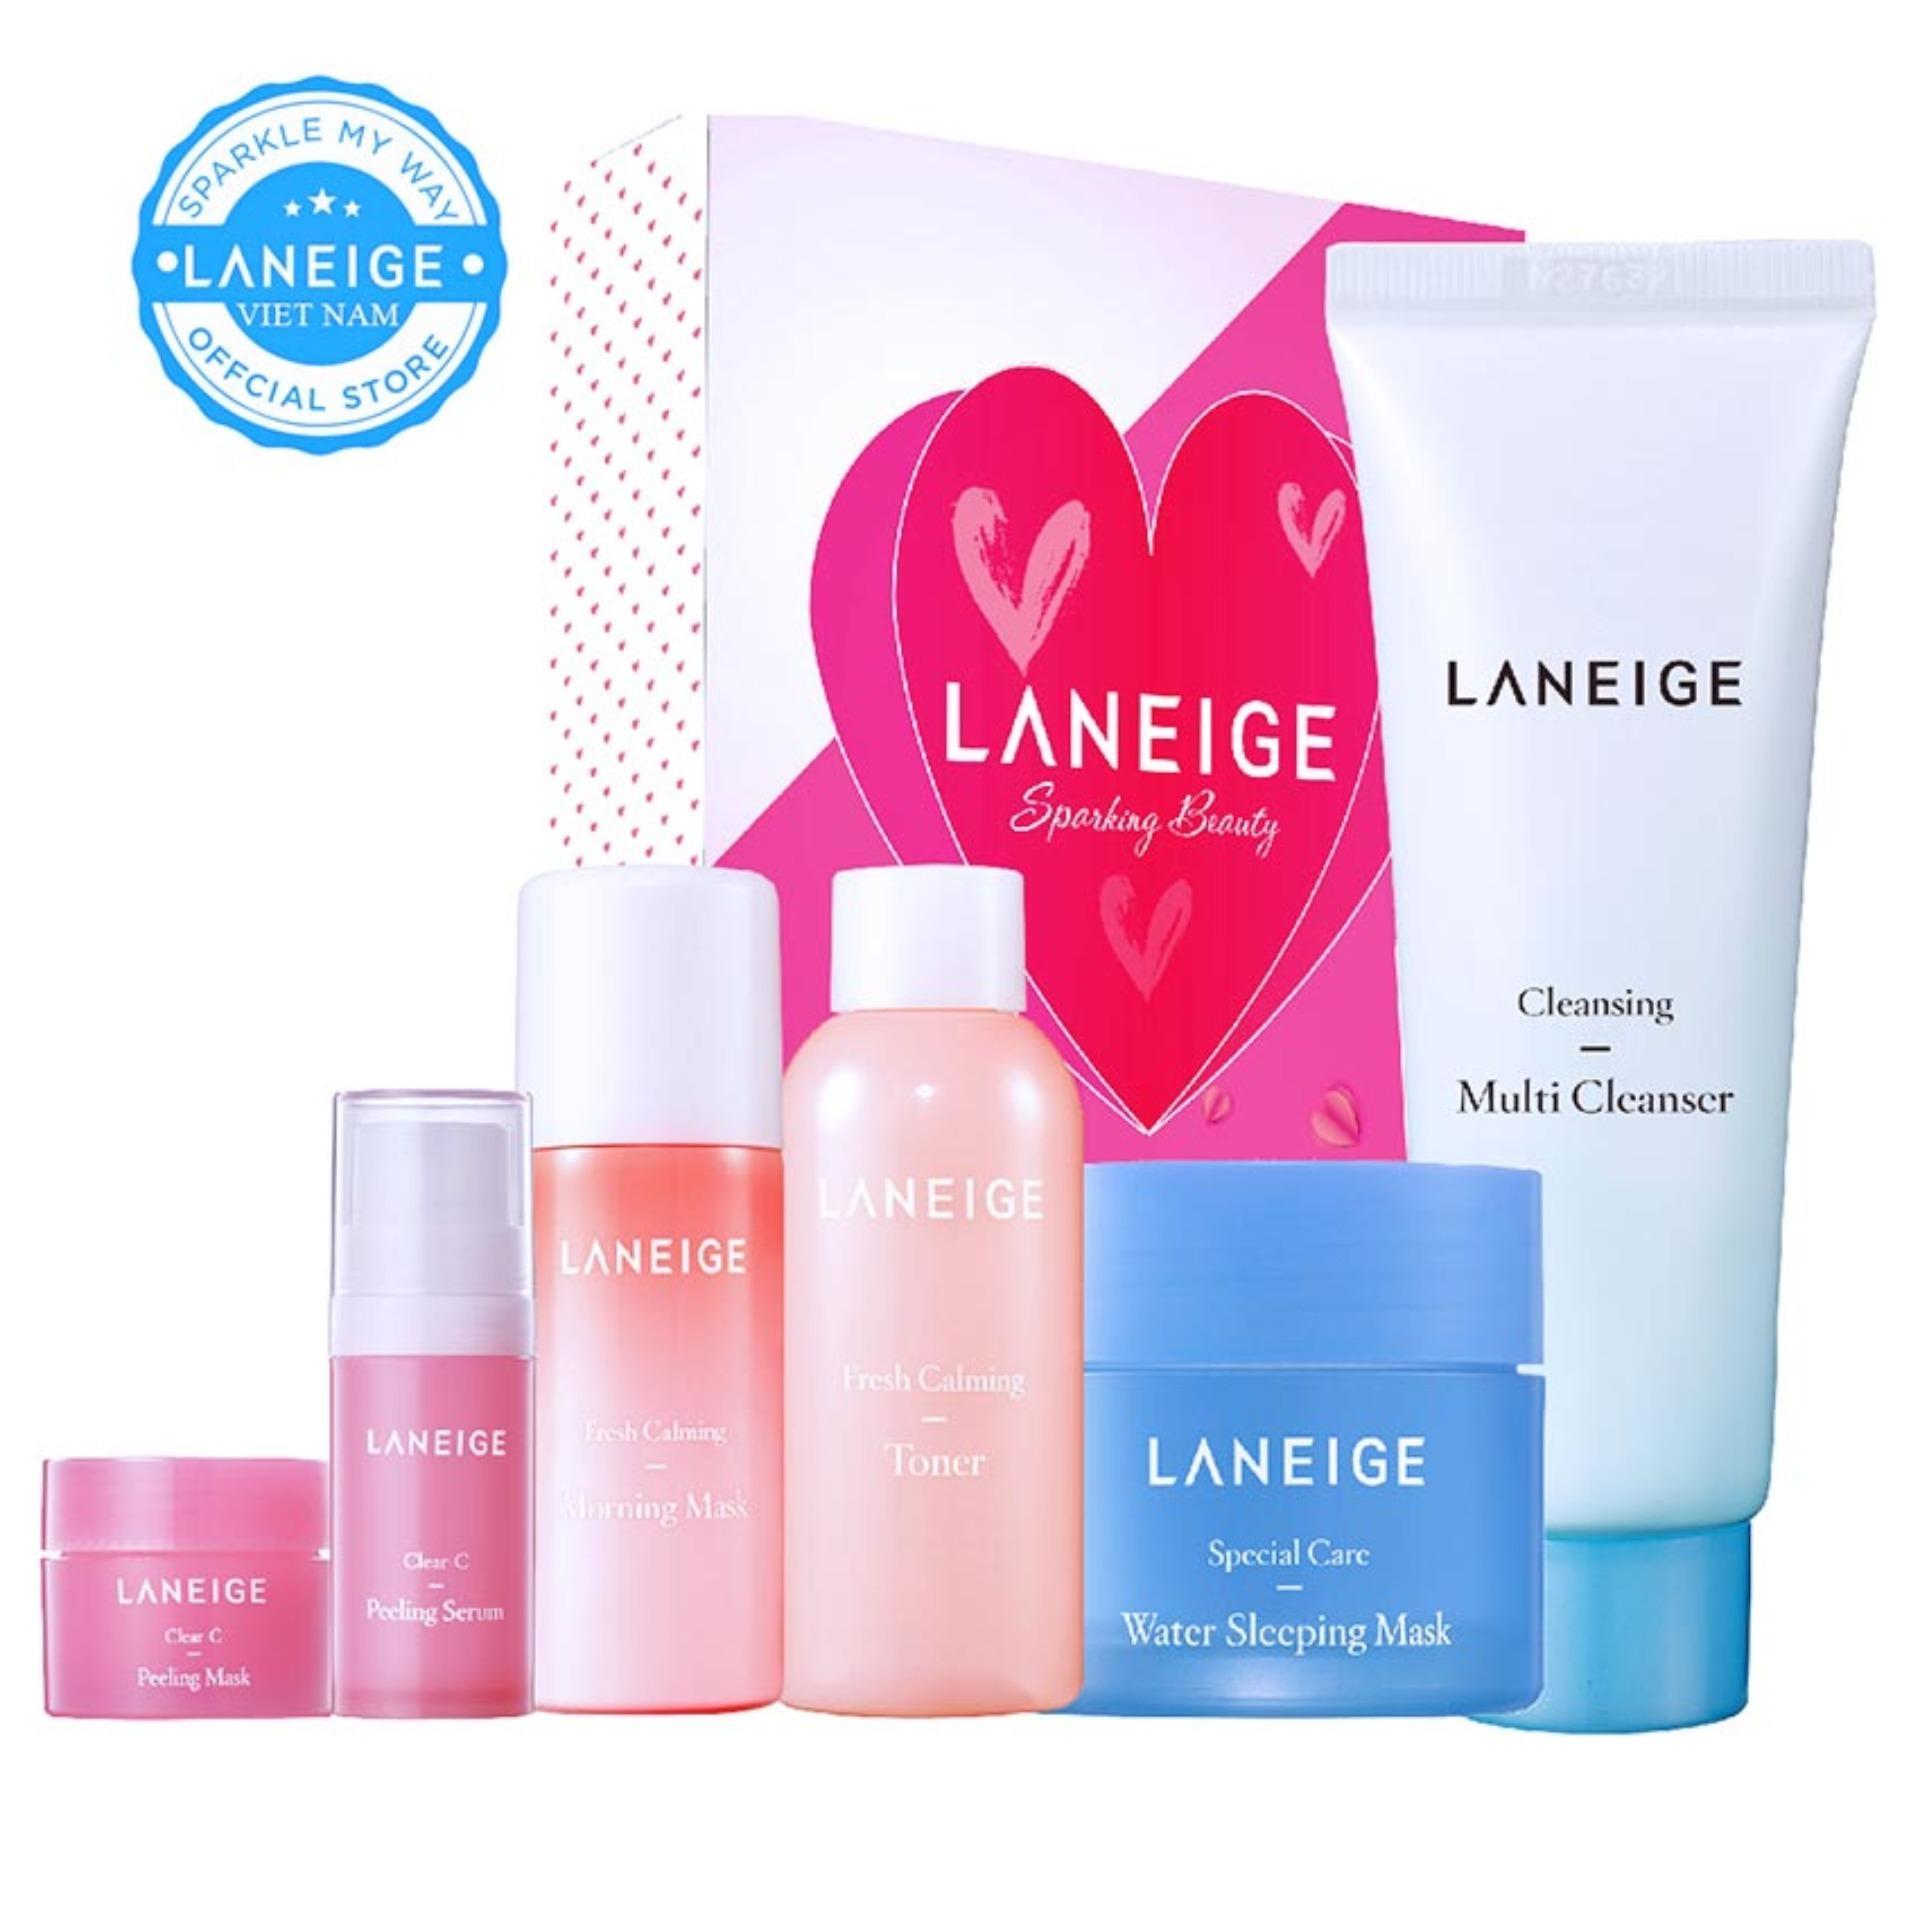 Hình ảnh Bộ 6 sản phẩm chăm sóc da dầu giúp se khít lỗ chân lông và sạch nhờn dầu Laneige Oily Skin Care Routine Trial Set